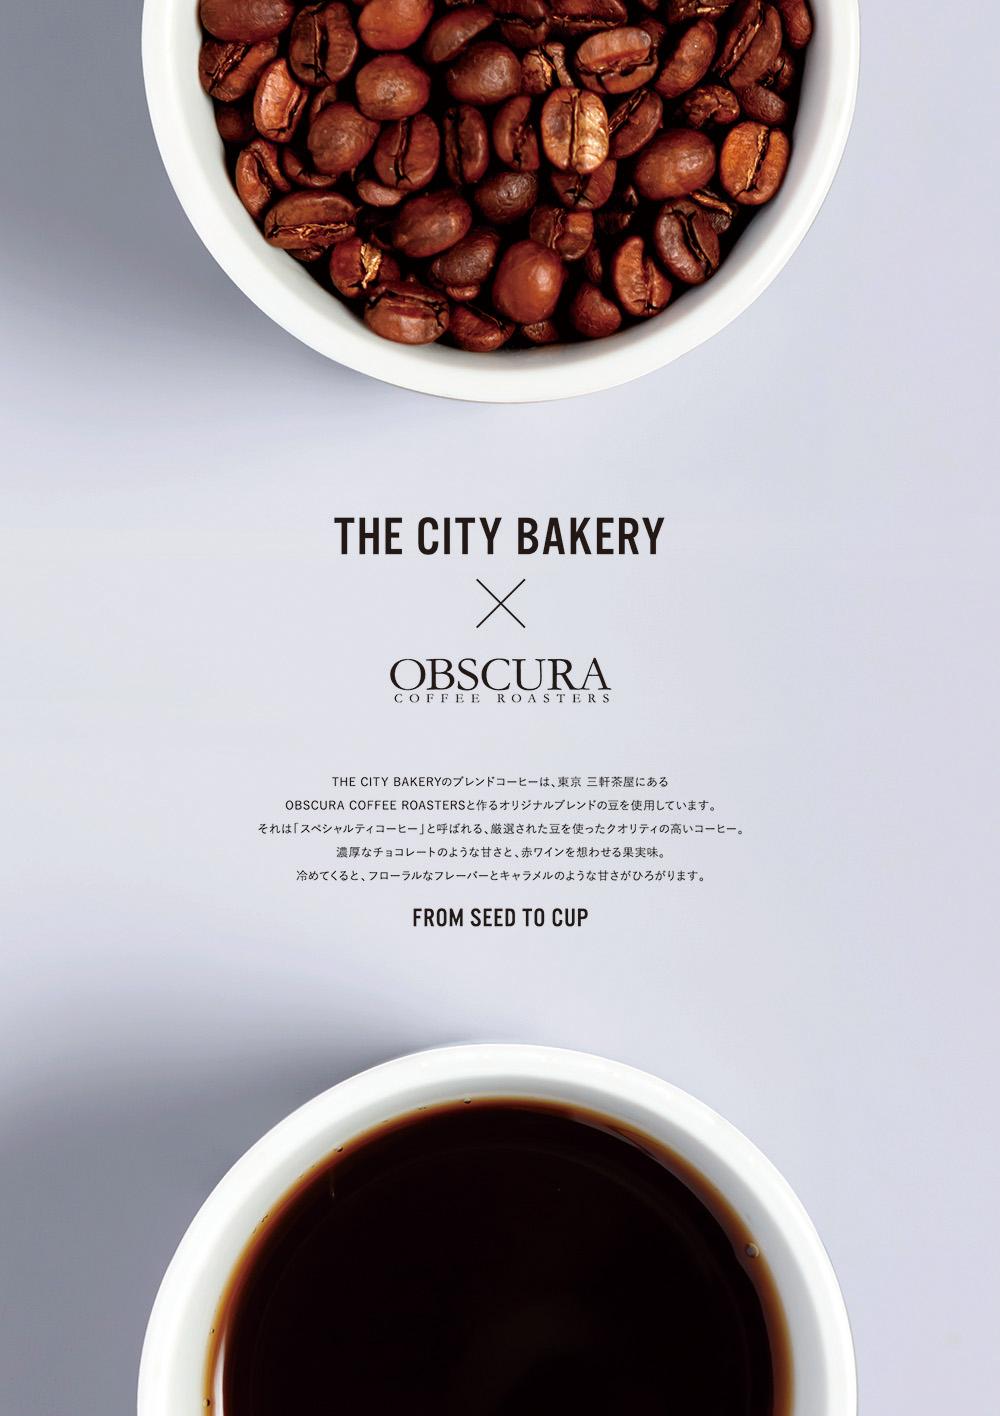 シティベーカリー コーヒー ポスター